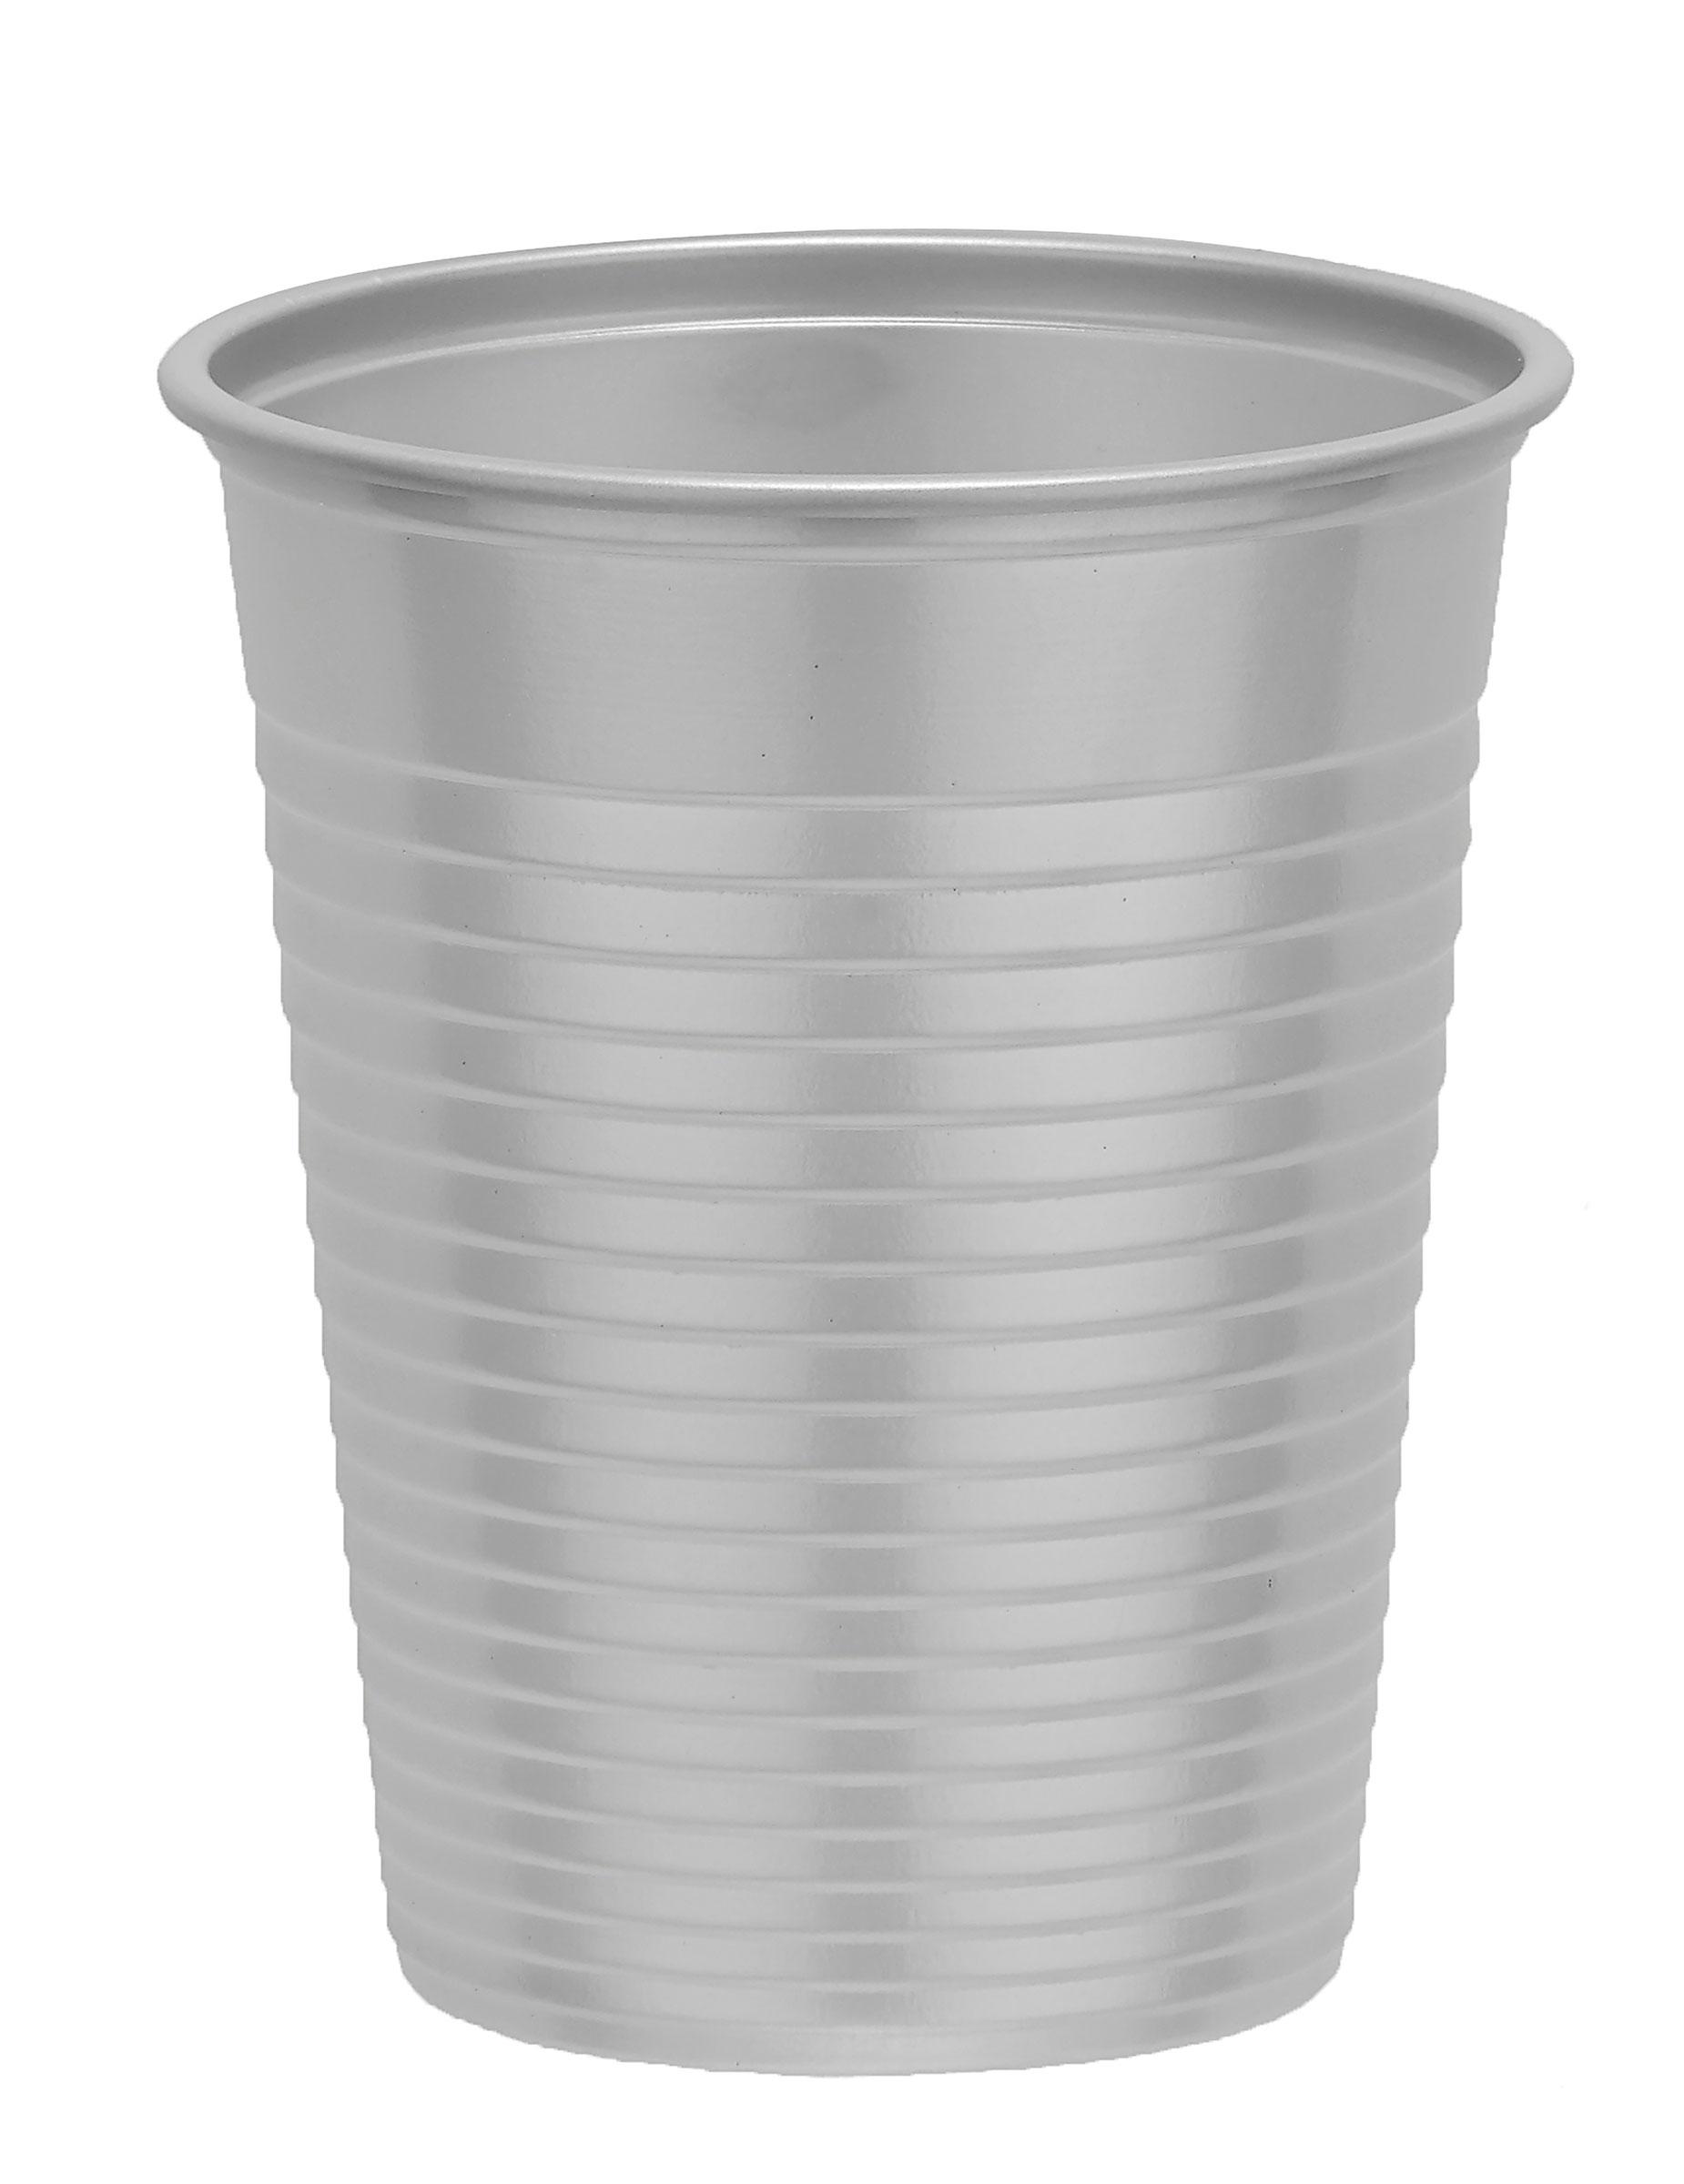 50 gobelets en plastique gris argent 20 cl achat de decoration animation sur vegaoopro - Decoration gobelet plastique ...